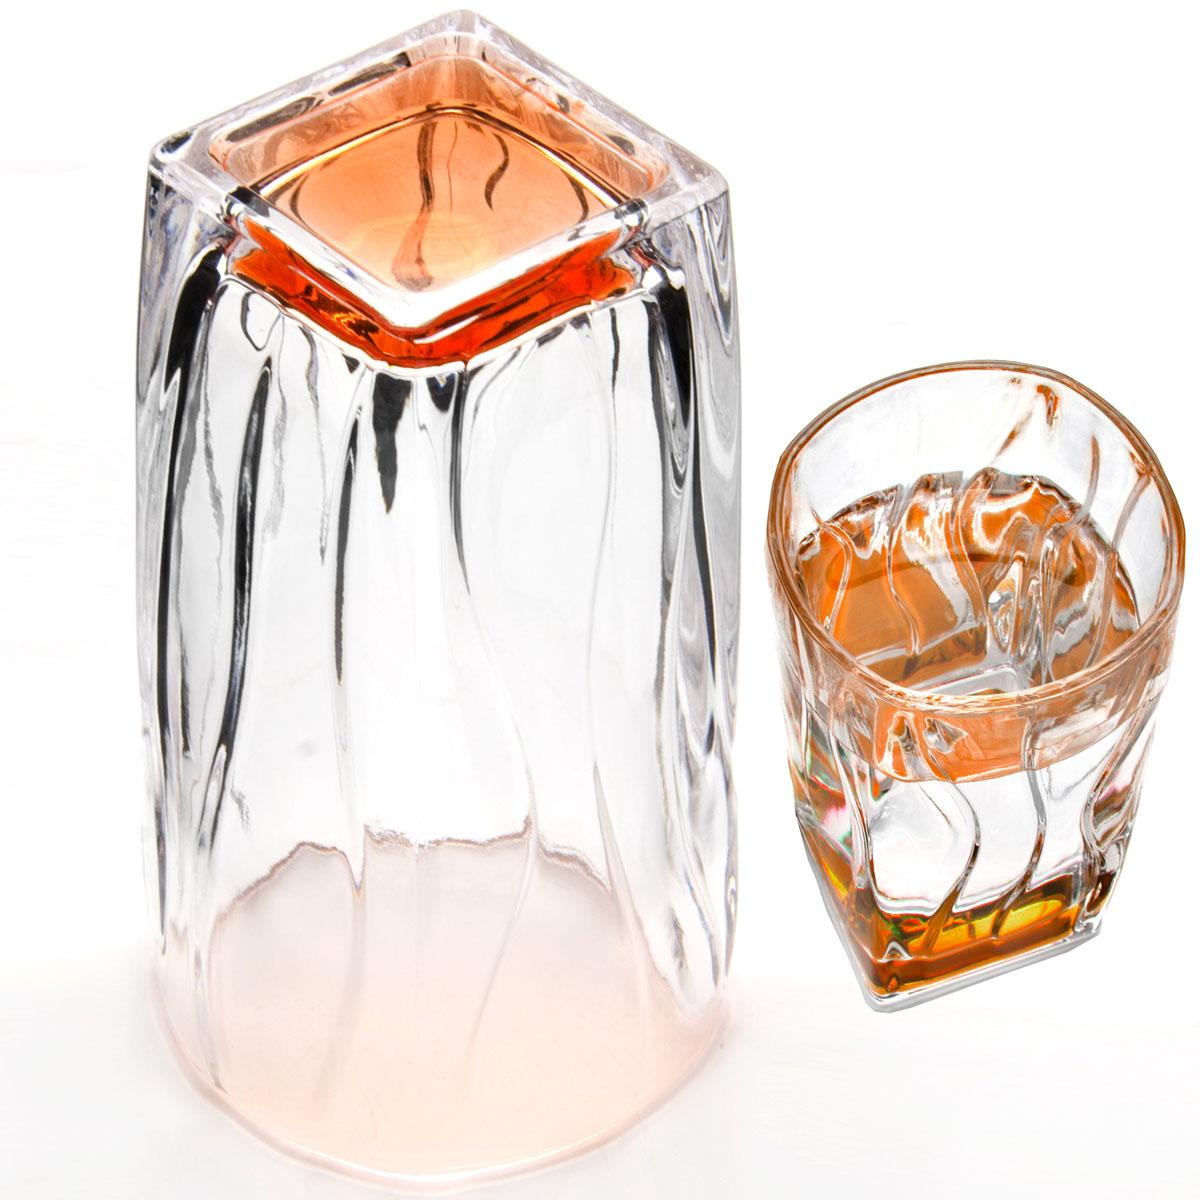 Набор стаканов Loraine, 290 мл, 6 шт. 2407324073Набор Loraine состоит из шести стаканов, выполненных из высококачественного стекла в мягких тонах с оригинальным дизайном. Стаканы предназначены для подачи воды, сока и других напитков. Они излучают приятный блеск и издают мелодичный звон. Такой набор прекрасно оформит праздничный стол и создаст приятную атмосферу за романтическим ужином. Не рекомендуется мыть в посудомоечной машине. Изделия подходят для хранения в холодильнике. Диаметр стакана (по верхнему краю): 7 см. Высота стакана: 12 см.